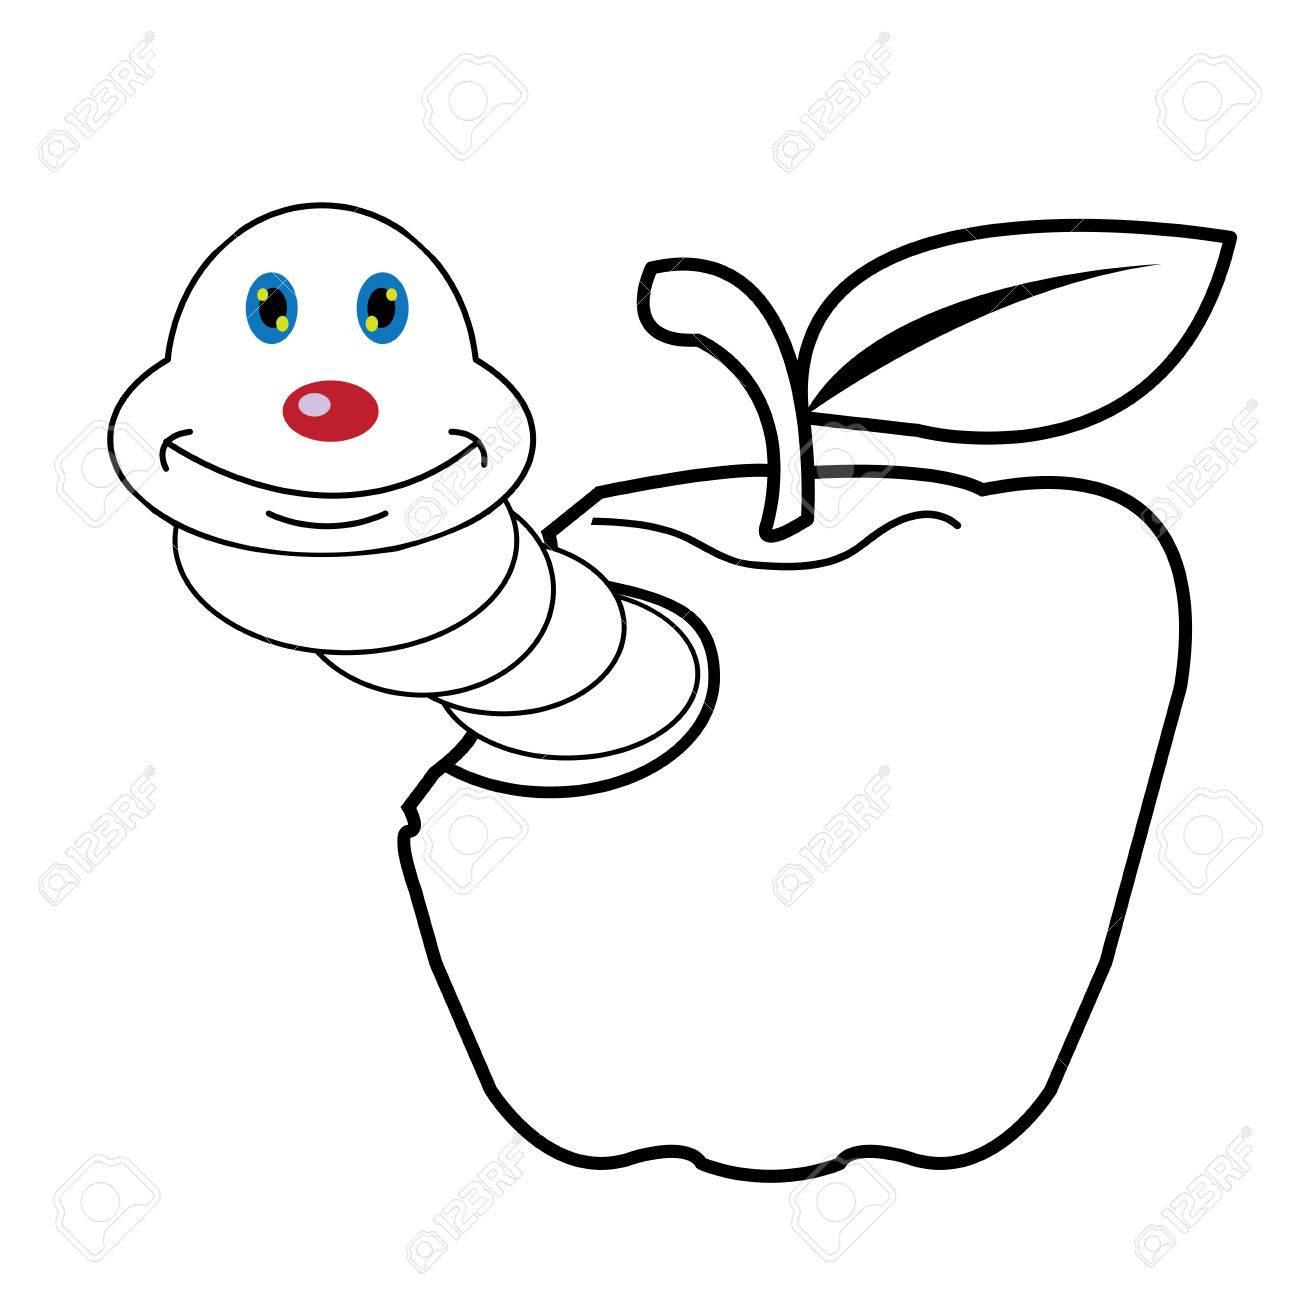 Larva Gusano Y Manzana Dibujos Animados Para Colorear Página Para Toddle